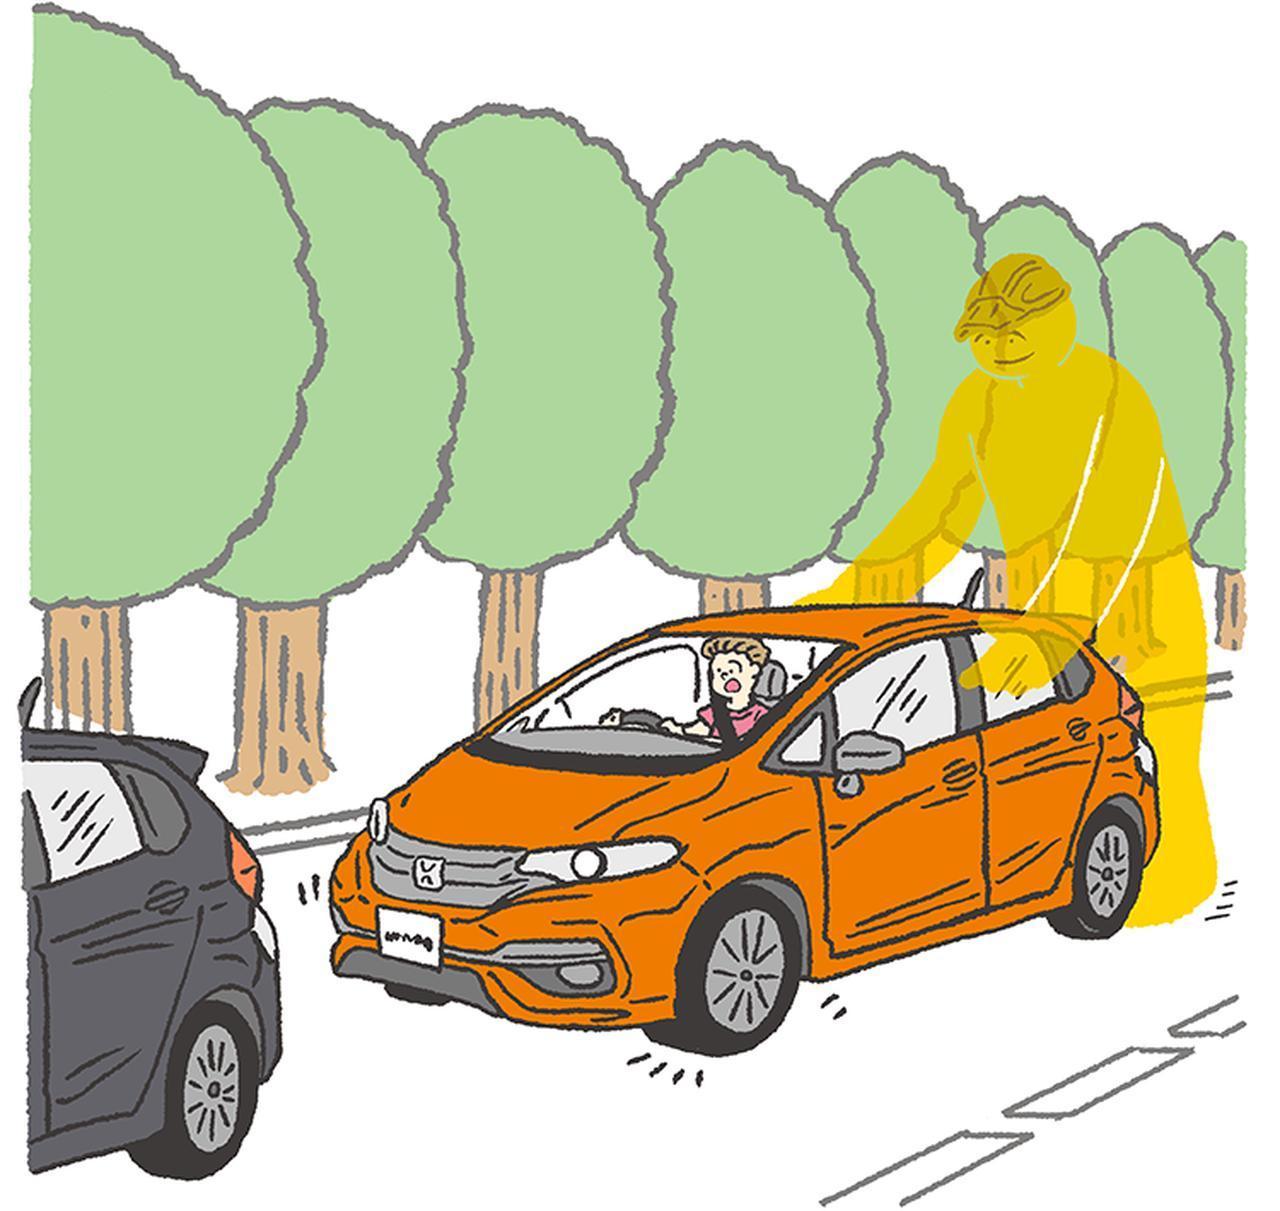 画像: 不注意による急発進を防止し注意を喚起。 https://www.honda.co.jp/hondasensing/